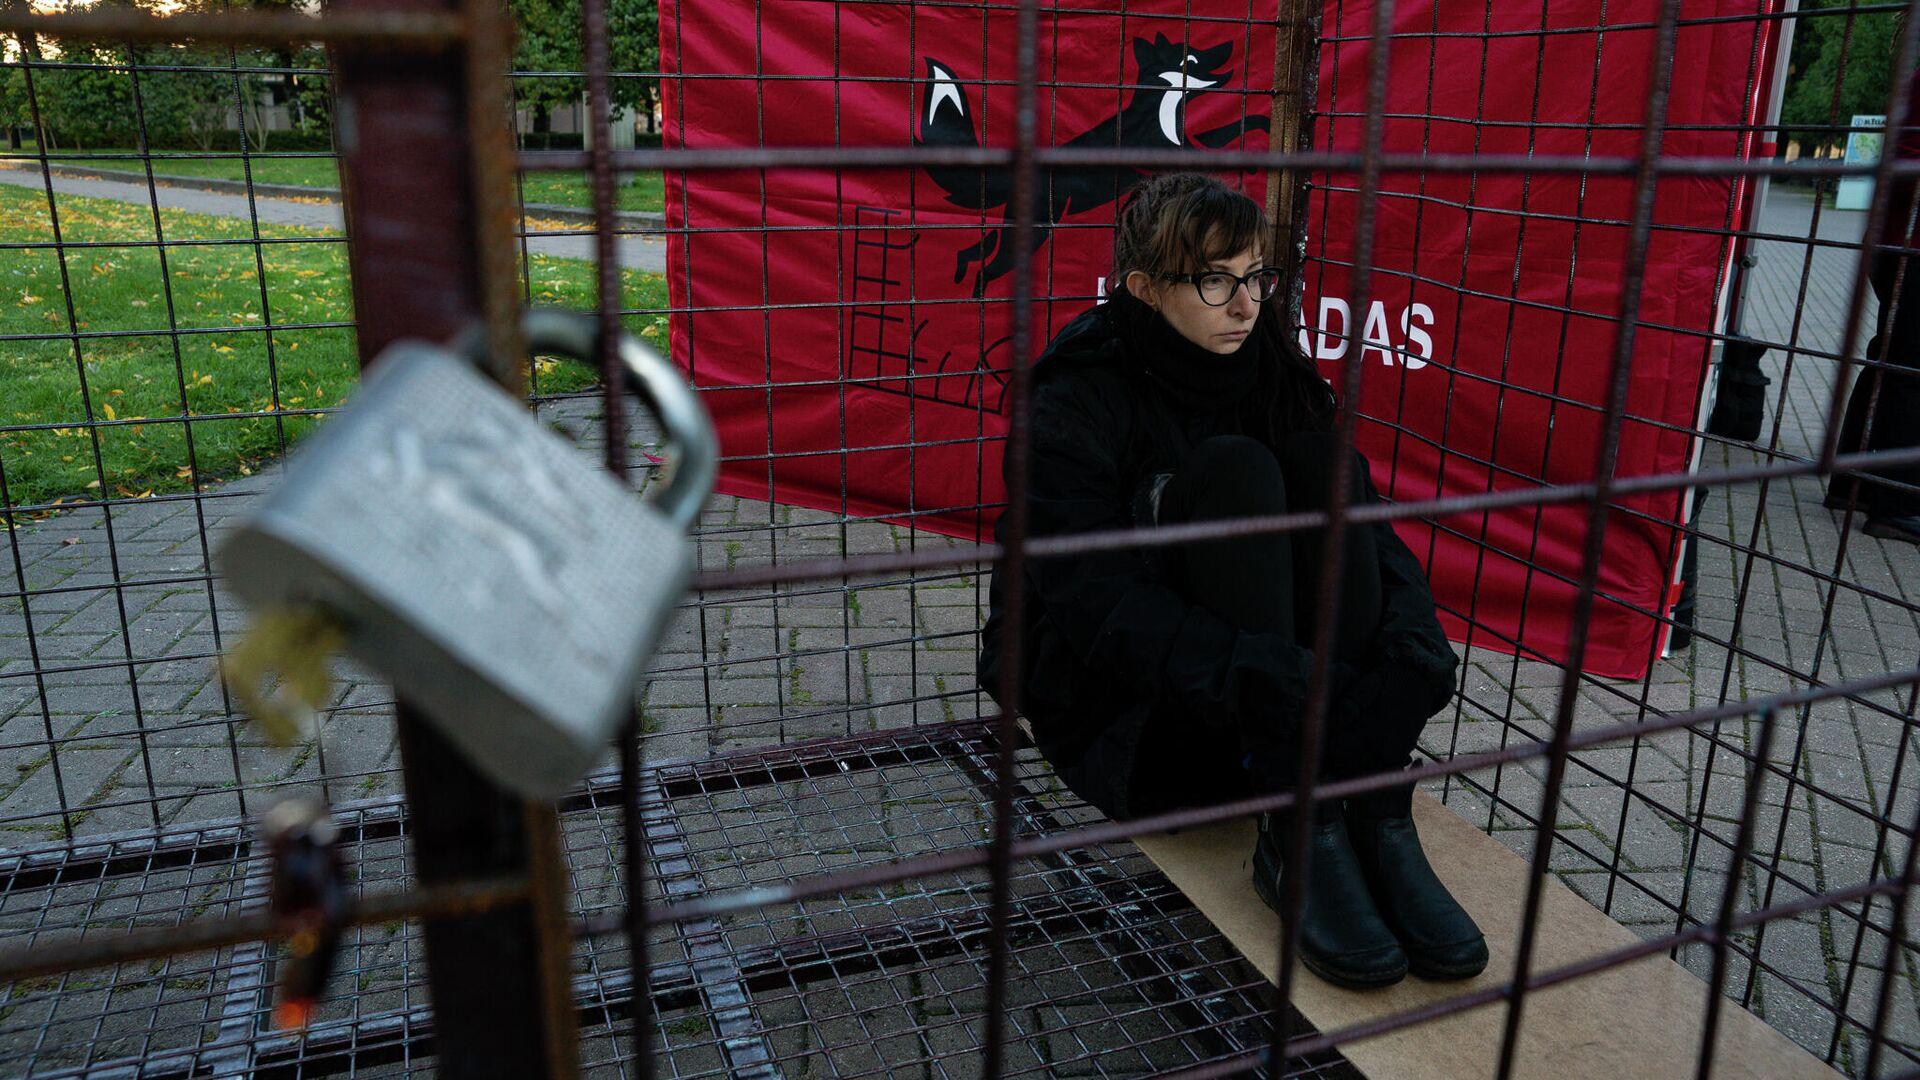 Волонтер Валерия сидит в клетке, протестуя против пушного звероводства в Латвии - Sputnik Латвия, 1920, 16.09.2021